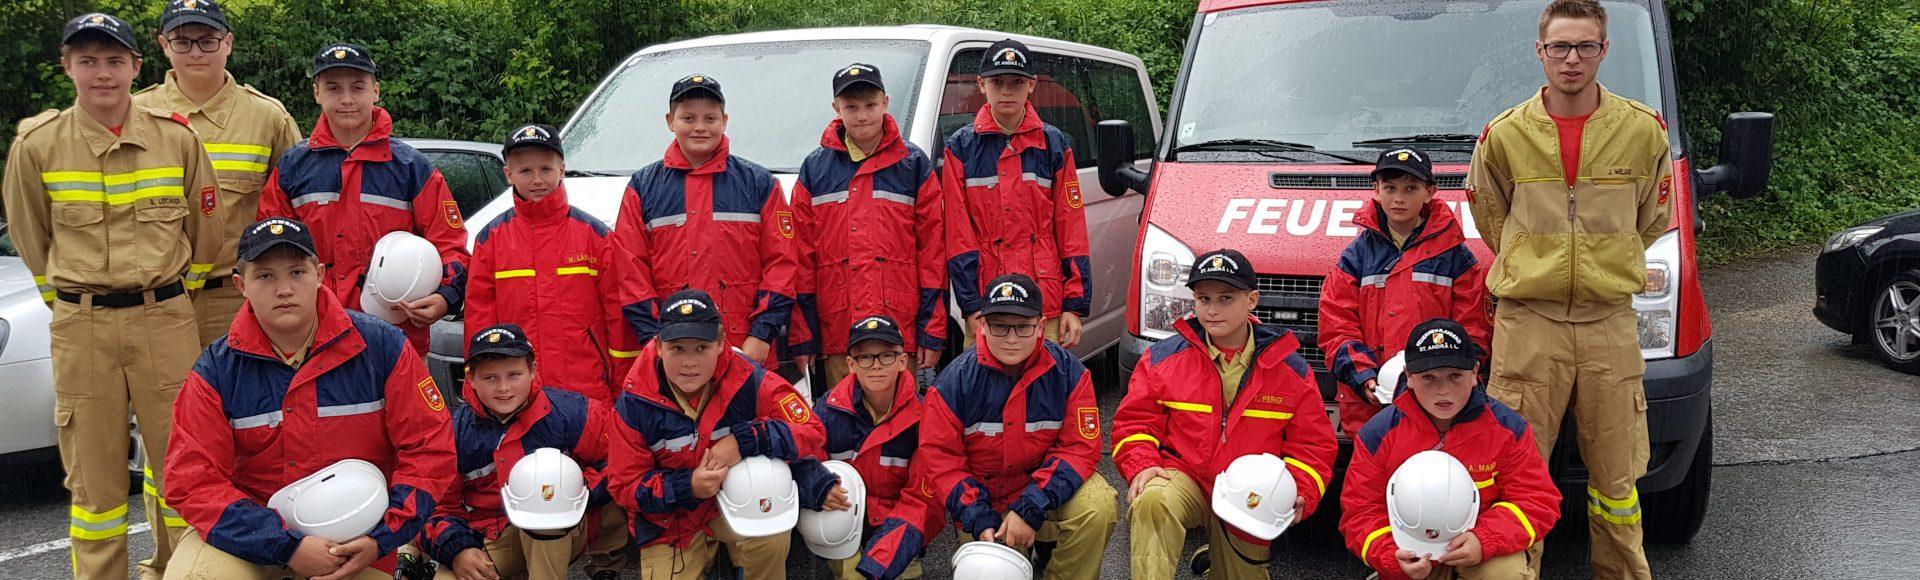 Leistungsbewerb der Feuerwehrjugend